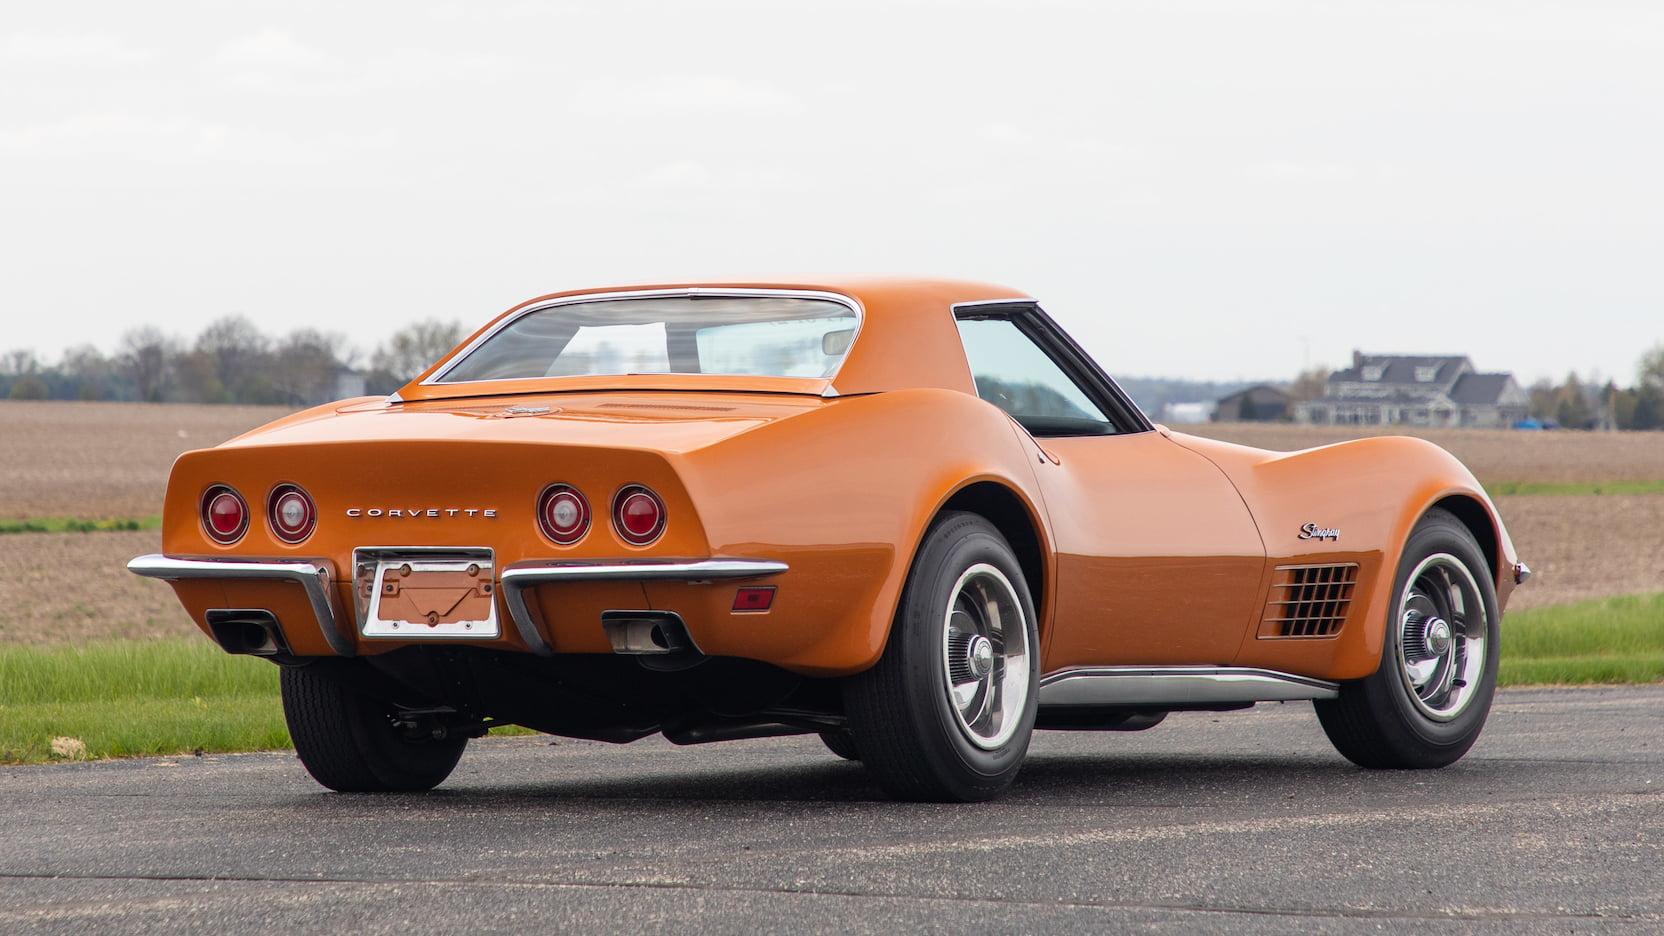 1971 Chevrolet Corvette ZR2 rear 3/4